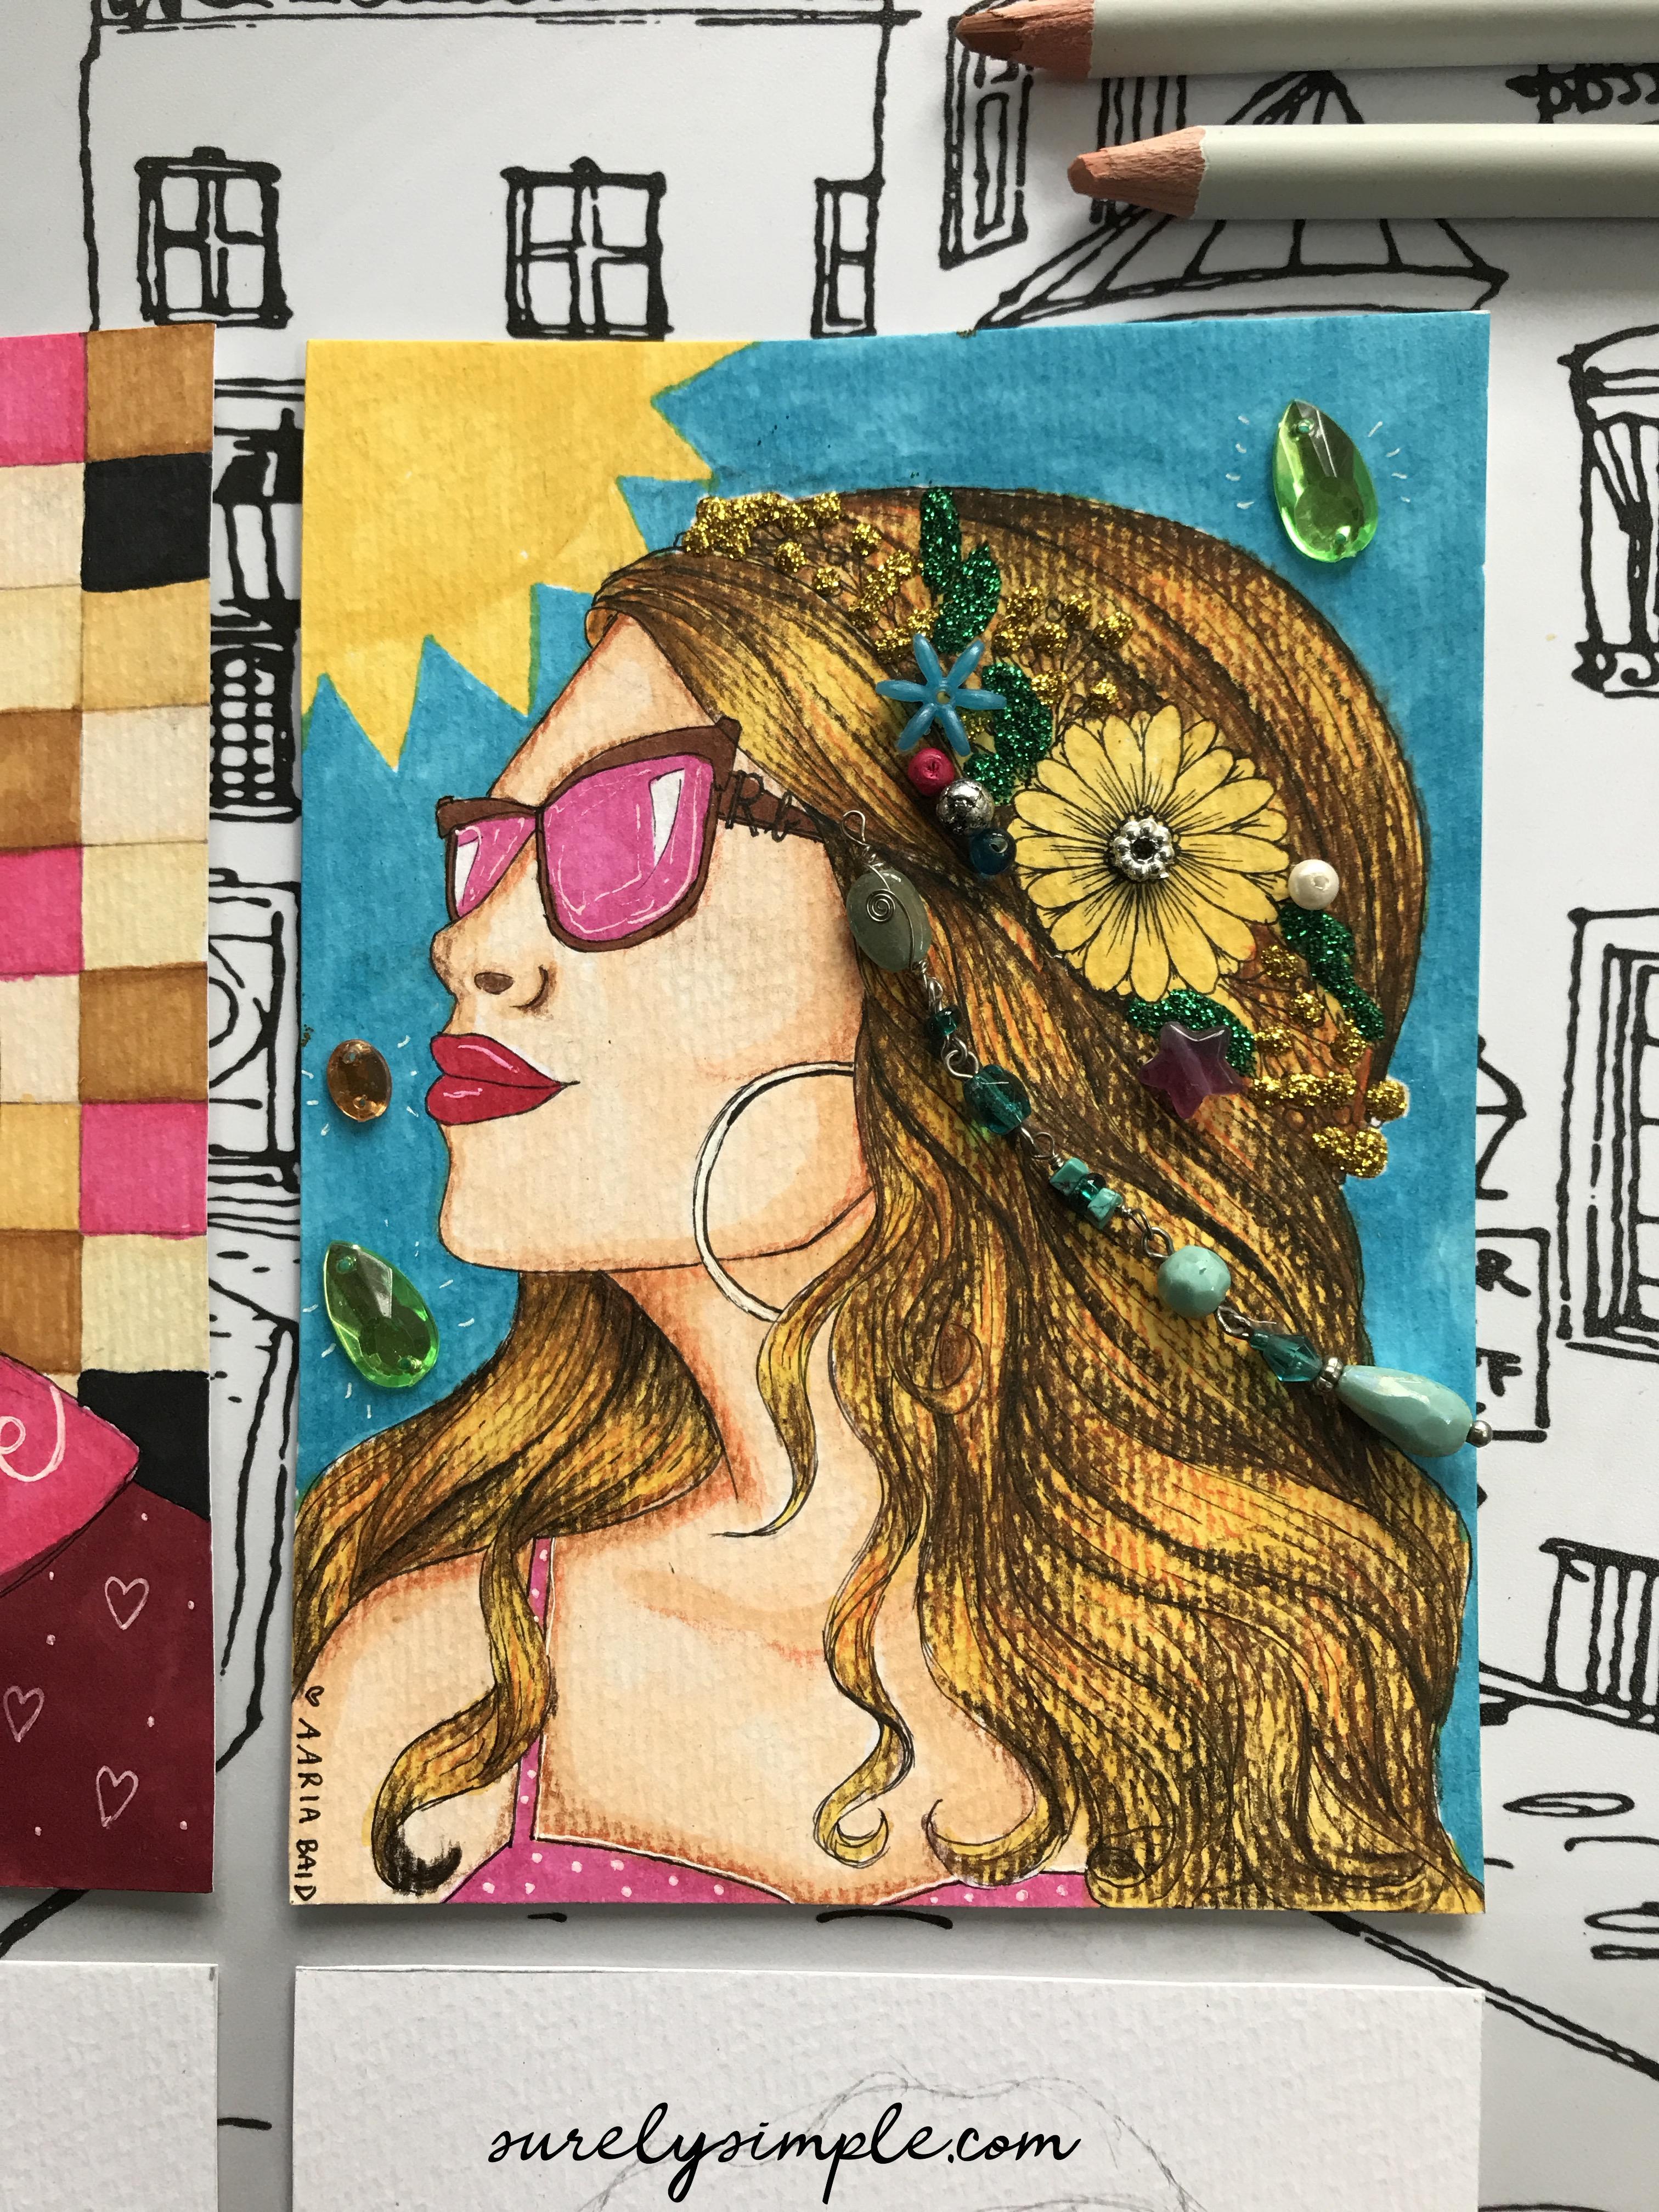 Free Download : Girls Coloring Book vol. 1! surelysimple.com